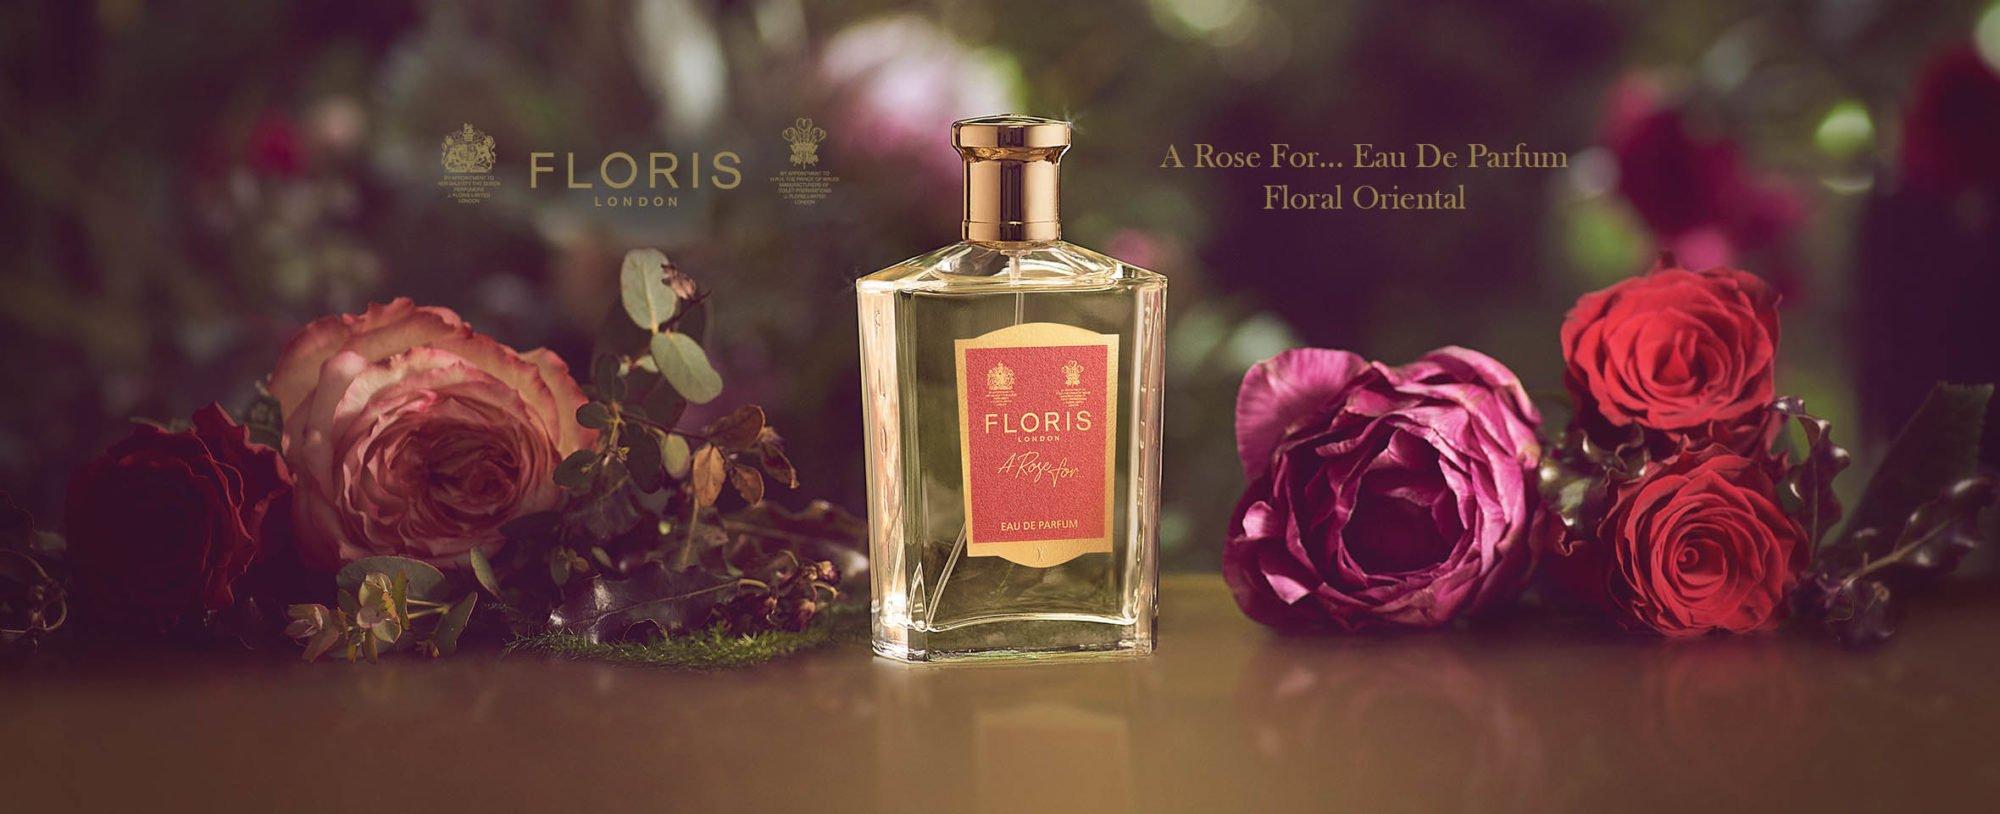 Floris NEW 'A Rose For...' Eau De Parfum